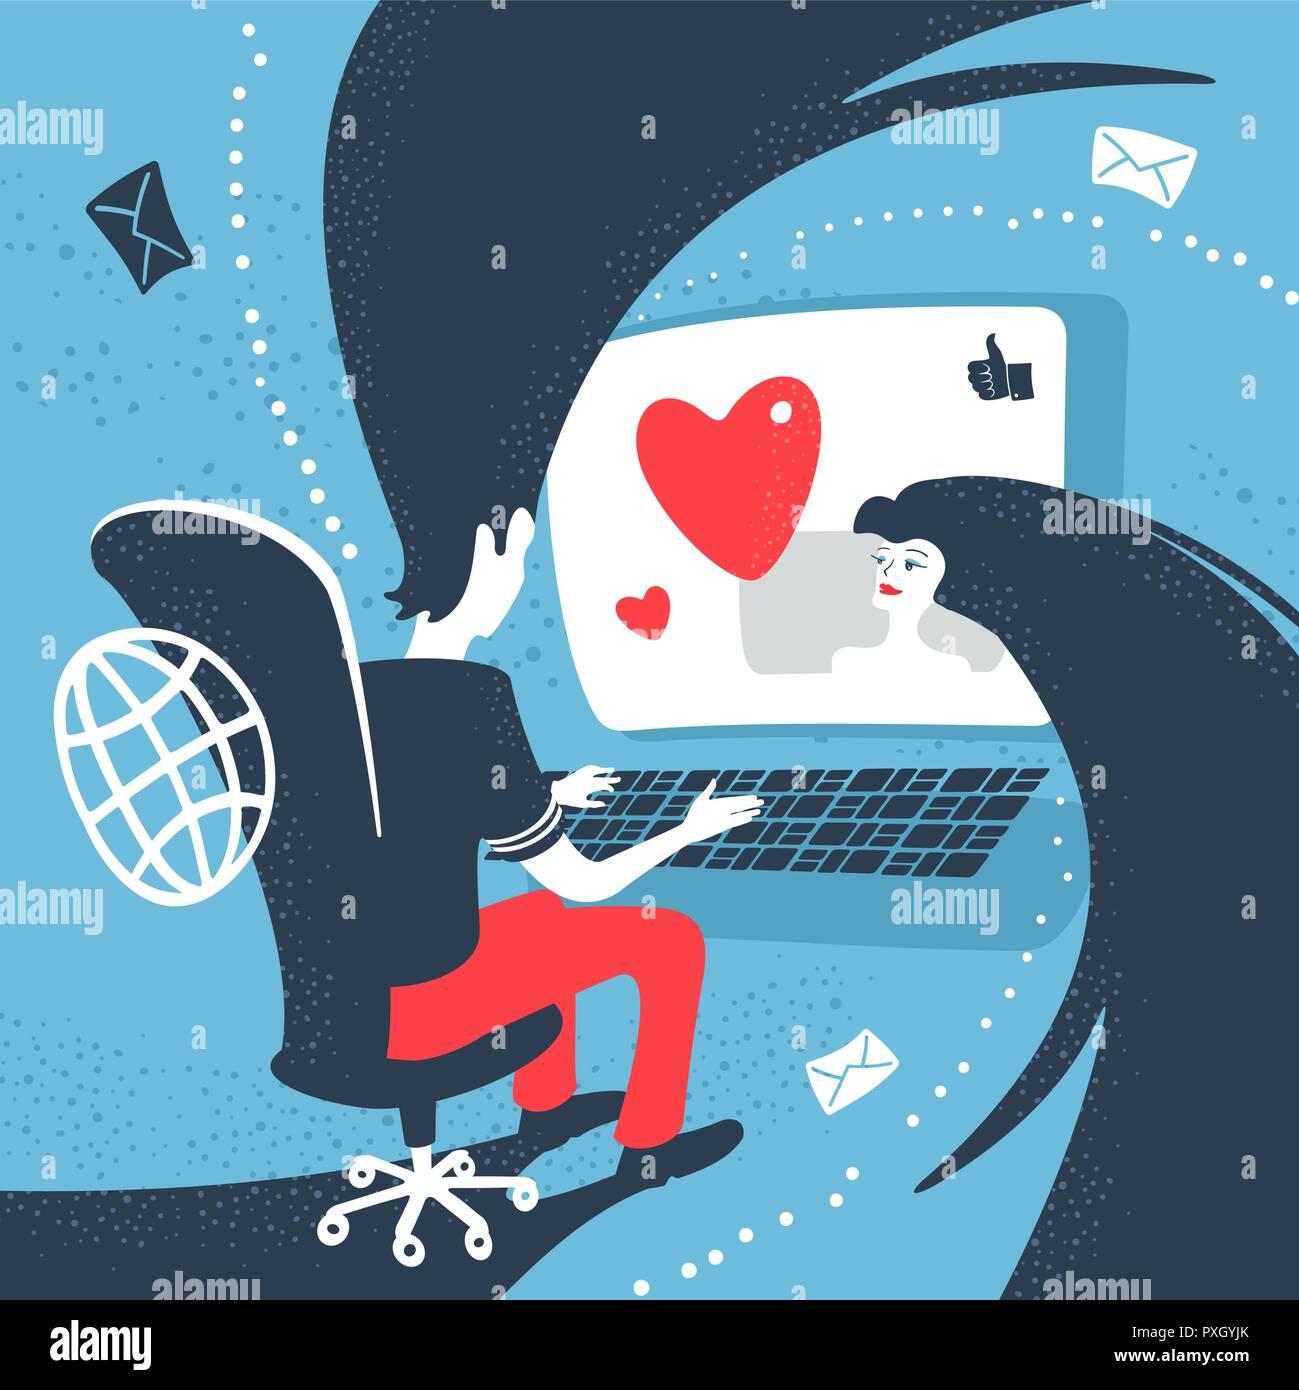 Chico y chica comunicarse Online Internet Concepto Imagen De Stock